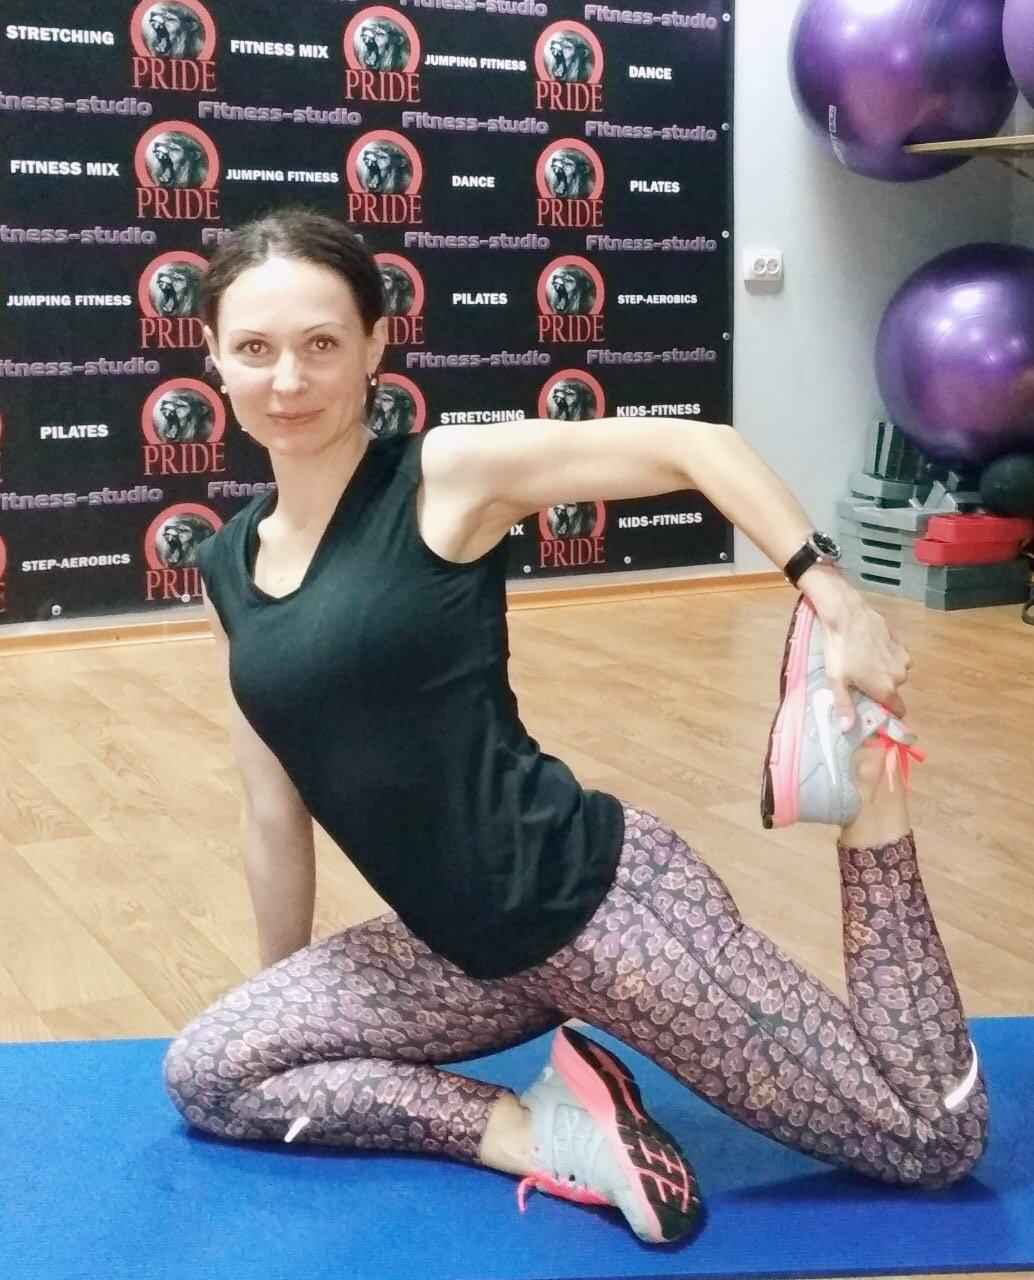 Приводим фигуру в порядок c Fitness studio «PRIDE», фото-12